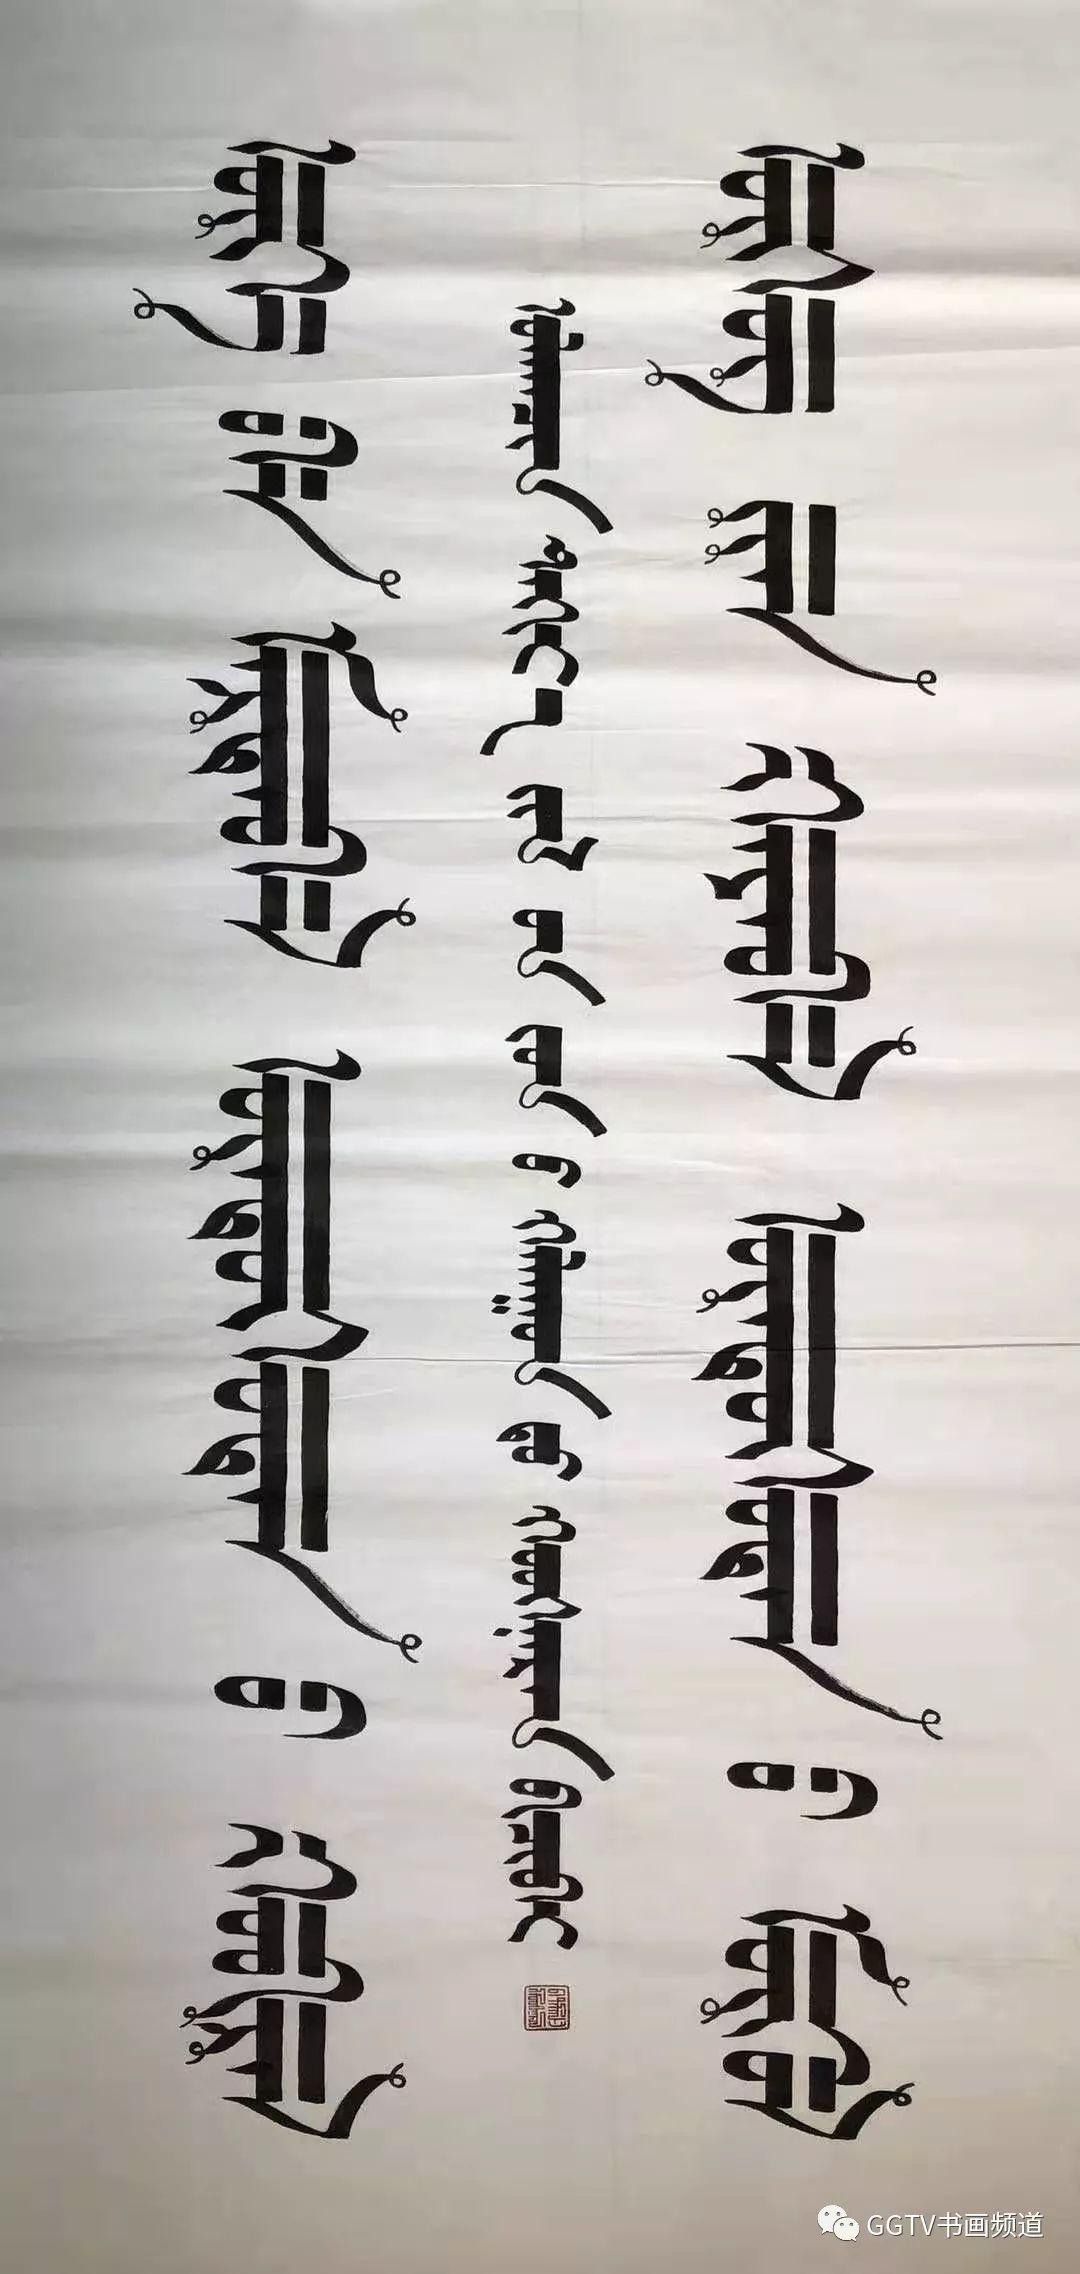 庆祝建国70周年全国优秀艺术家  —— 鲍好斯那拉作品展 第41张 庆祝建国70周年全国优秀艺术家   ——  鲍好斯那拉作品展 蒙古书法